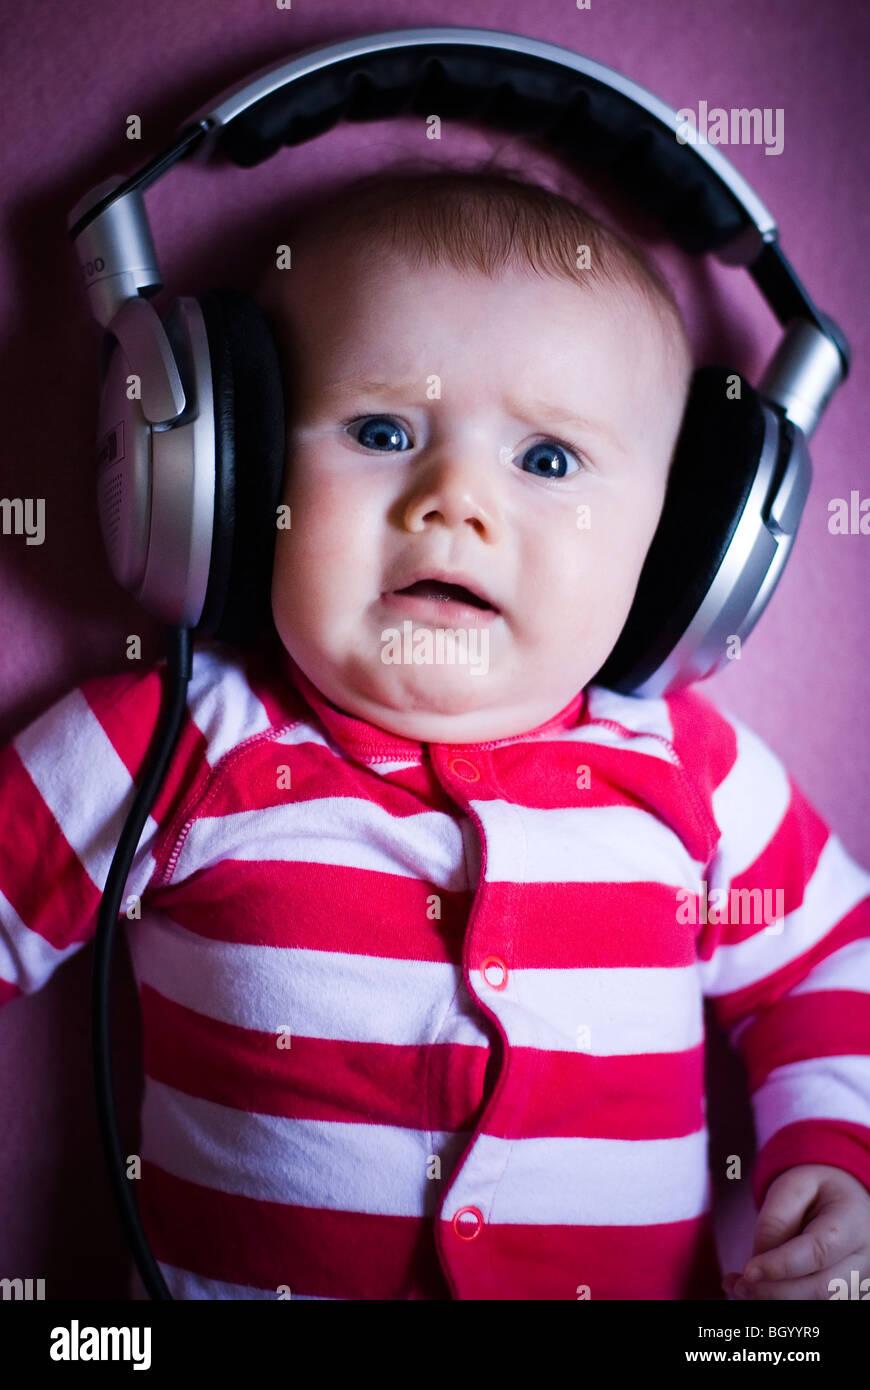 Bebé usando audífonos Imagen De Stock